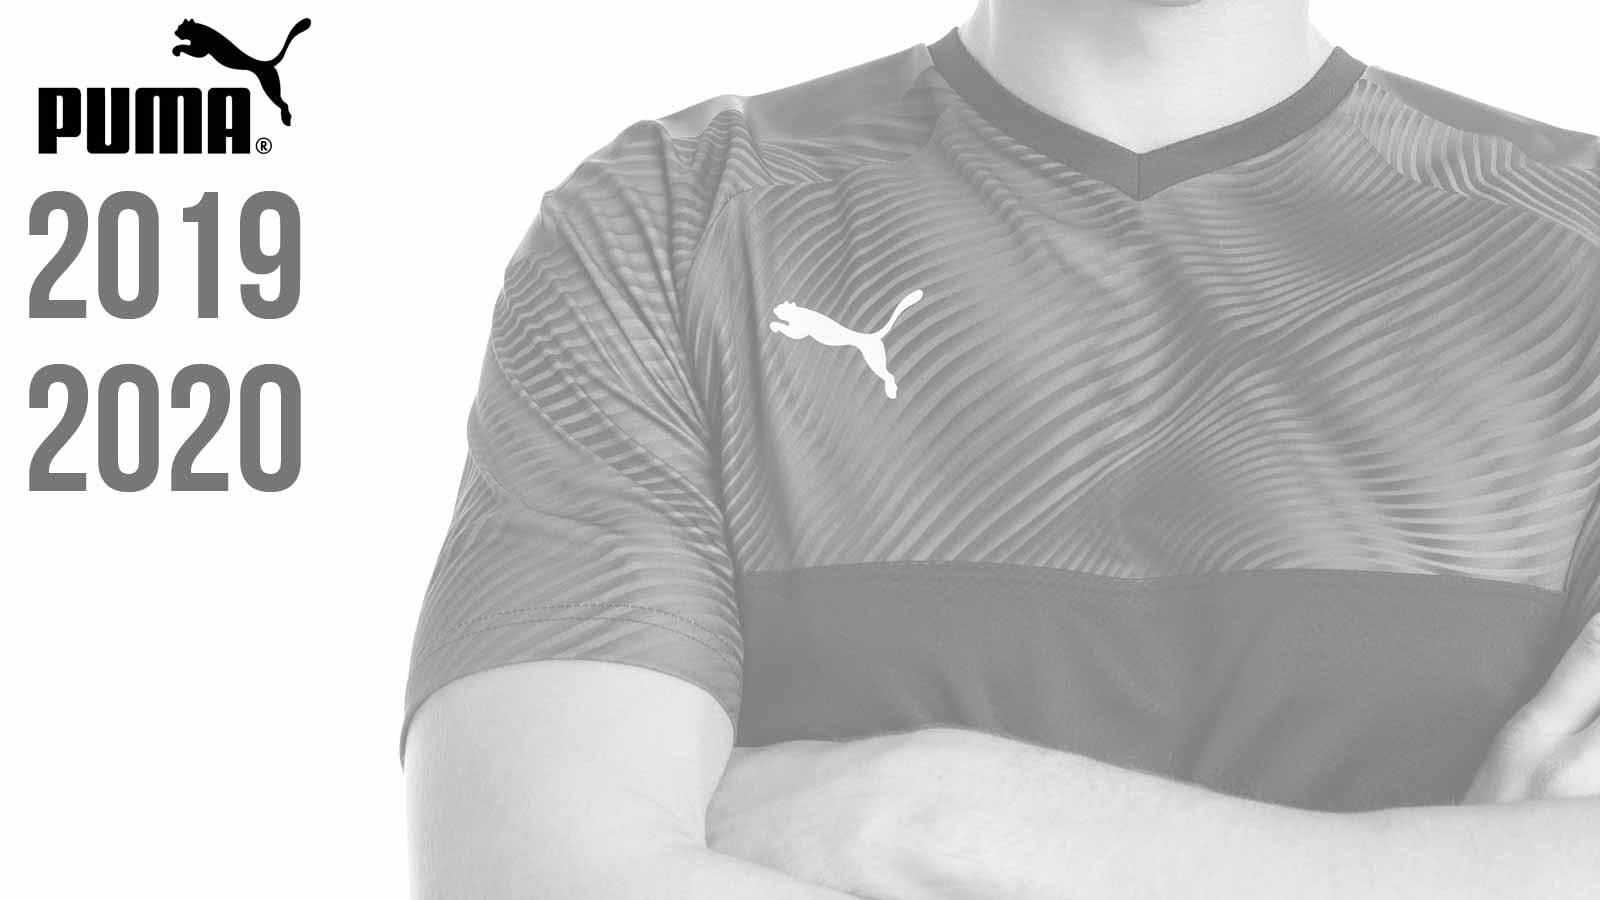 Das Puma Bundesliga Trikot 2019/2020 mit dem Cup Jersey